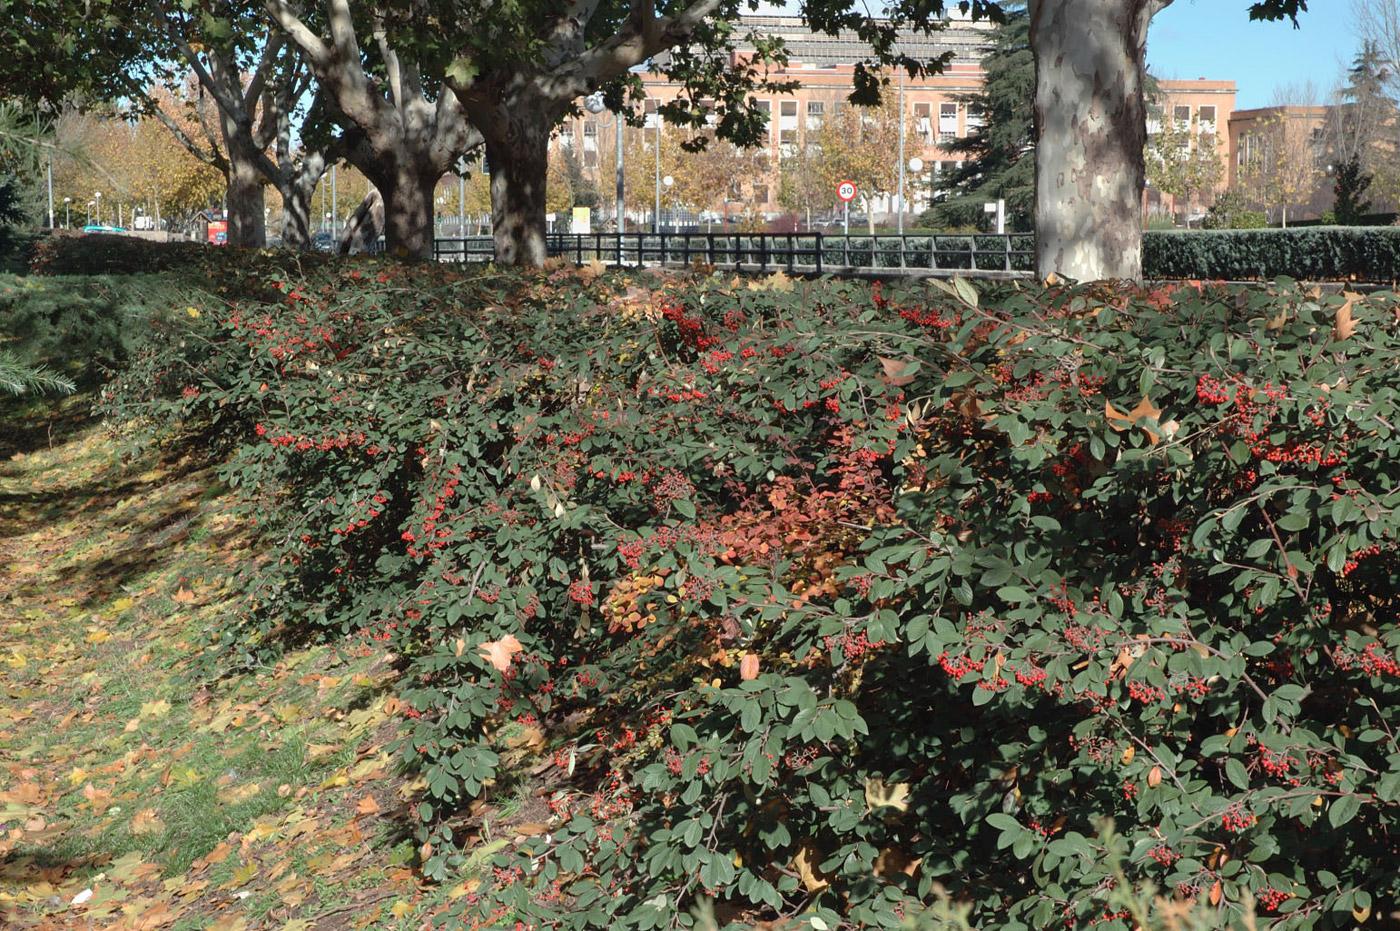 Rboles y arbustos rboles y arbustos de los jardines de for Jardines con arboles y arbustos